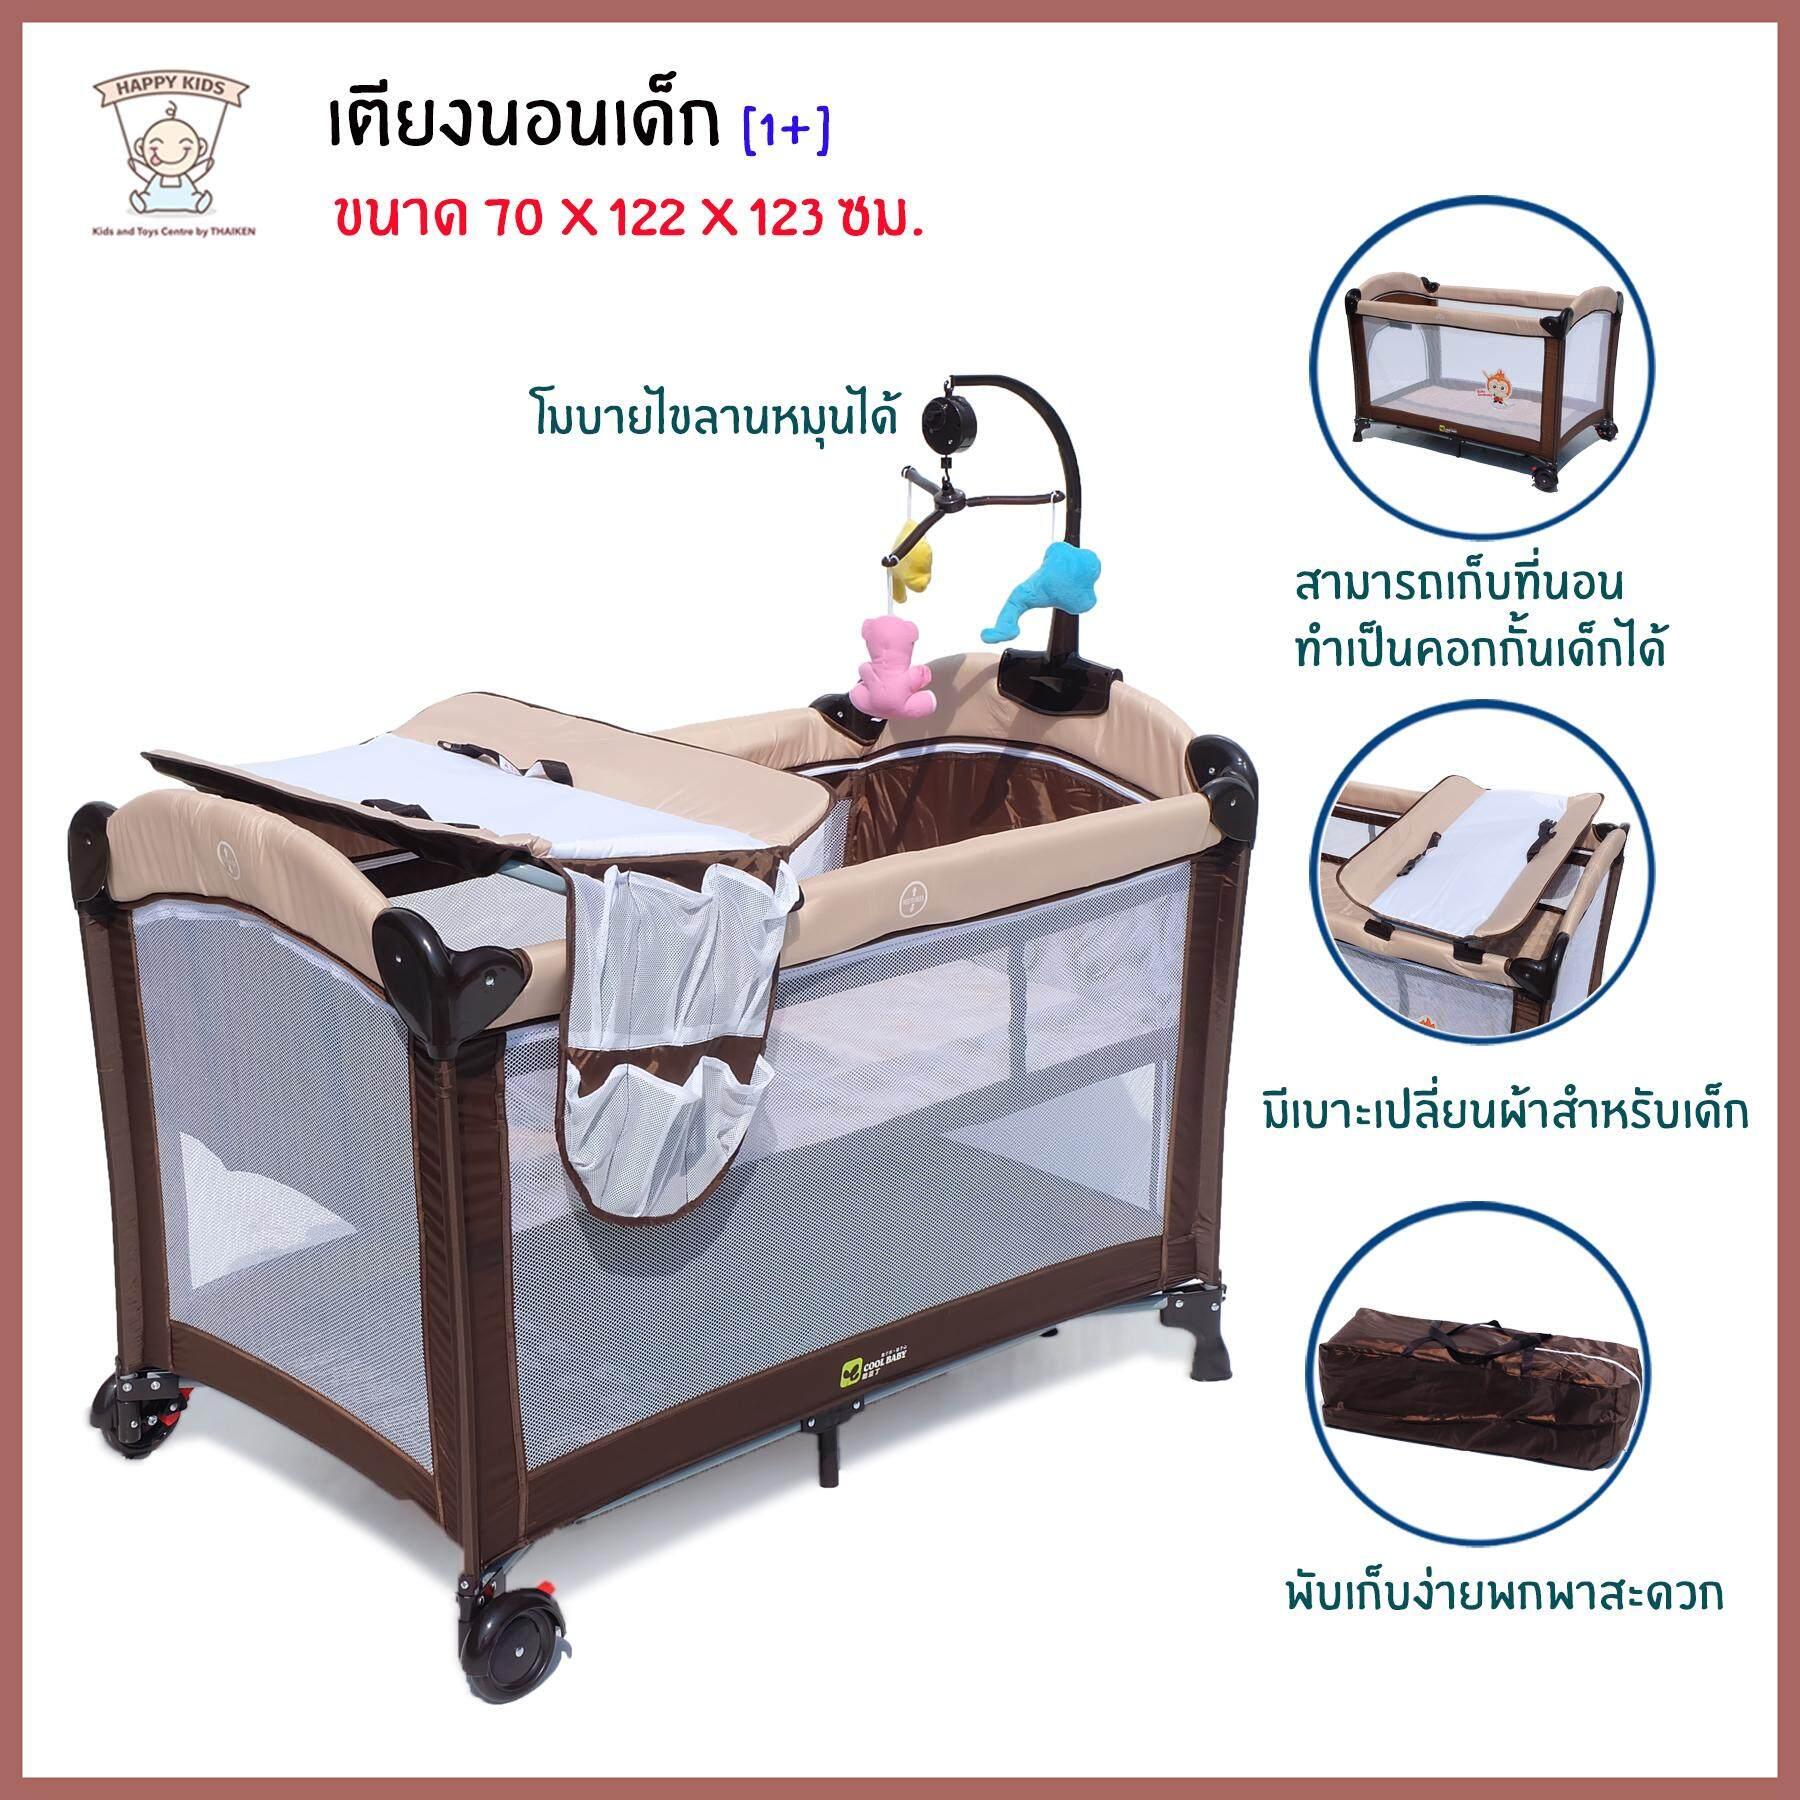 แนะนำ Thaiken เตียงเปลเด็ก playpen Cool Baby รุ่น 970